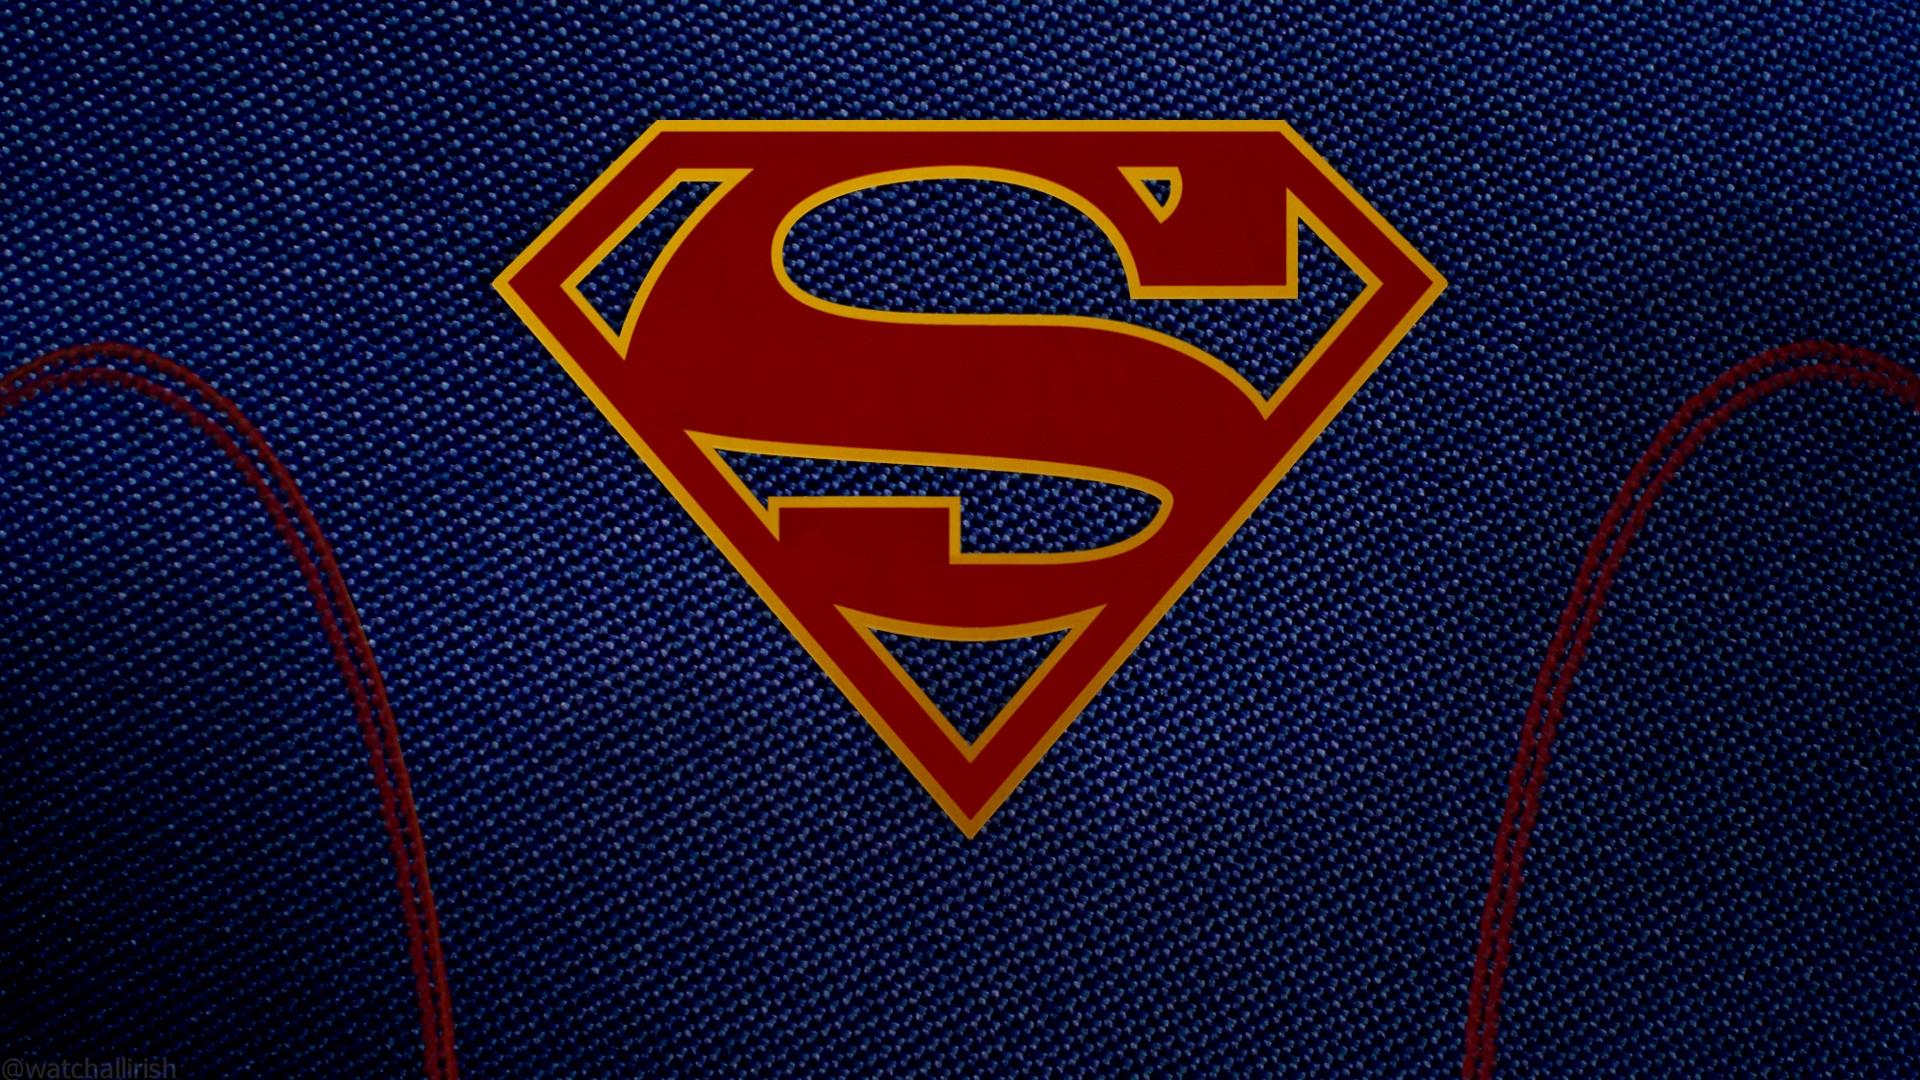 Supergirl symbol fondo de pantalla hd fondo de - Signe de superman ...